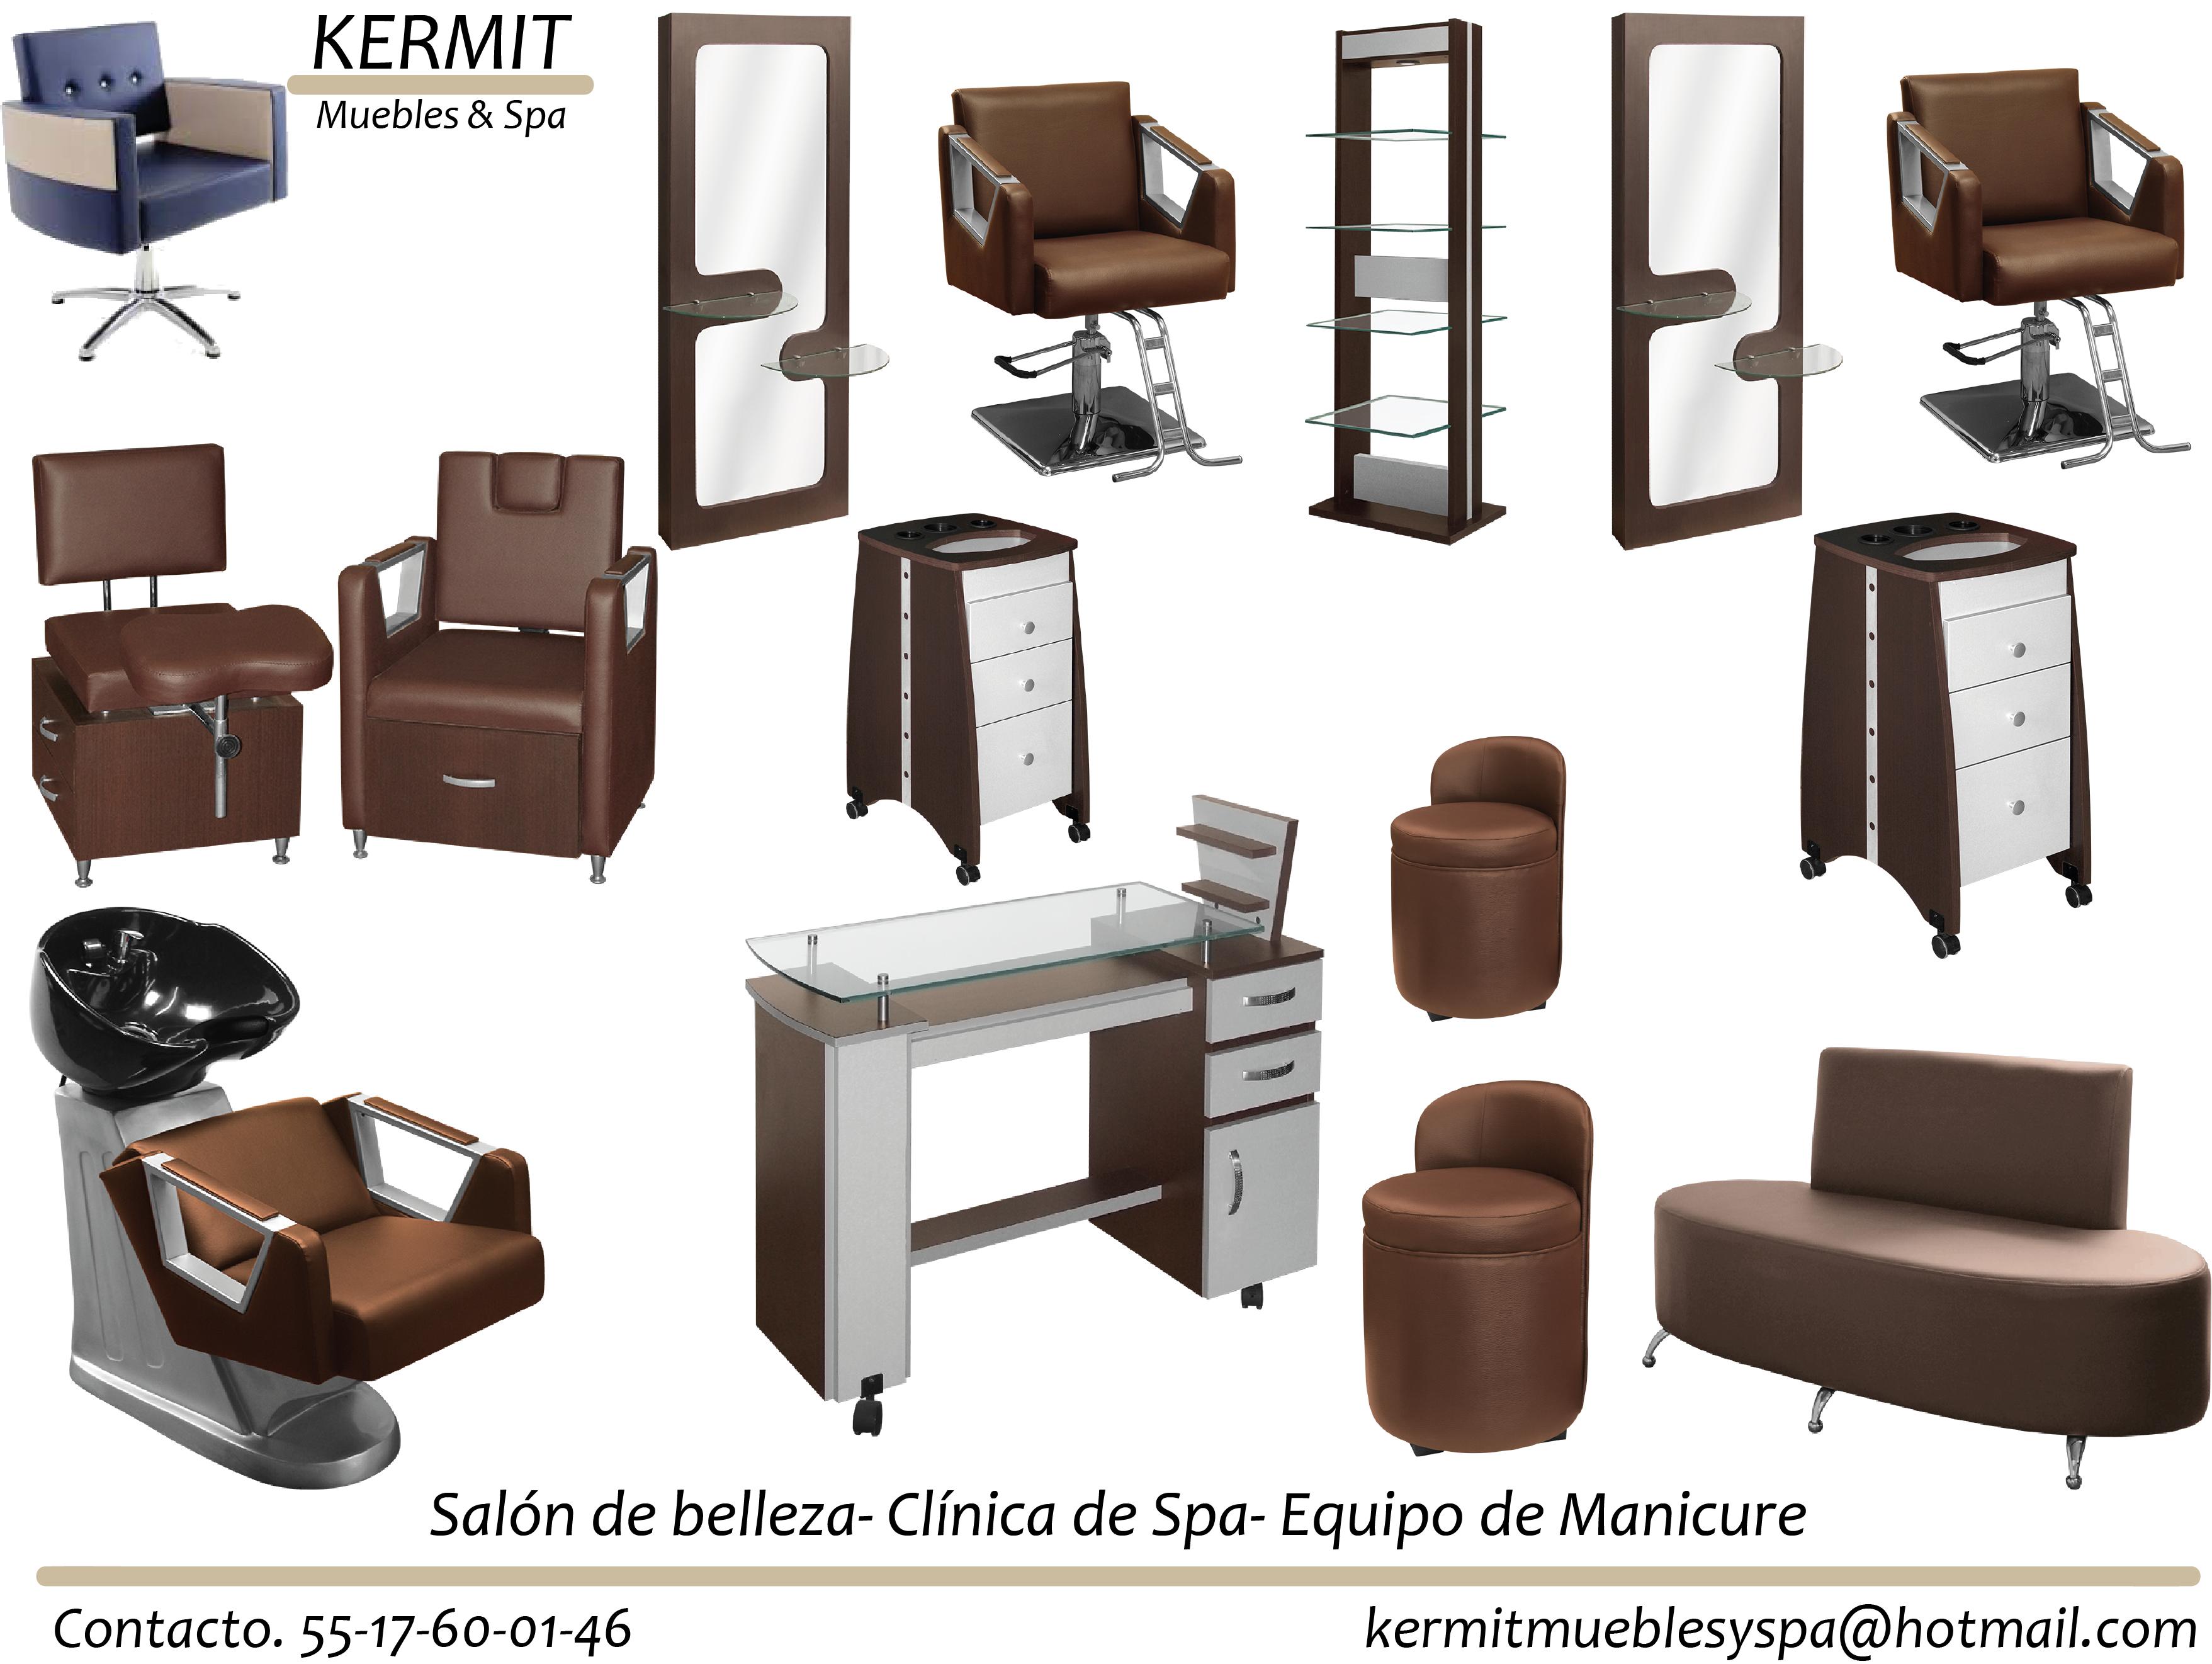 Equipos completos kermit muebles para estetica for Salones completos baratos